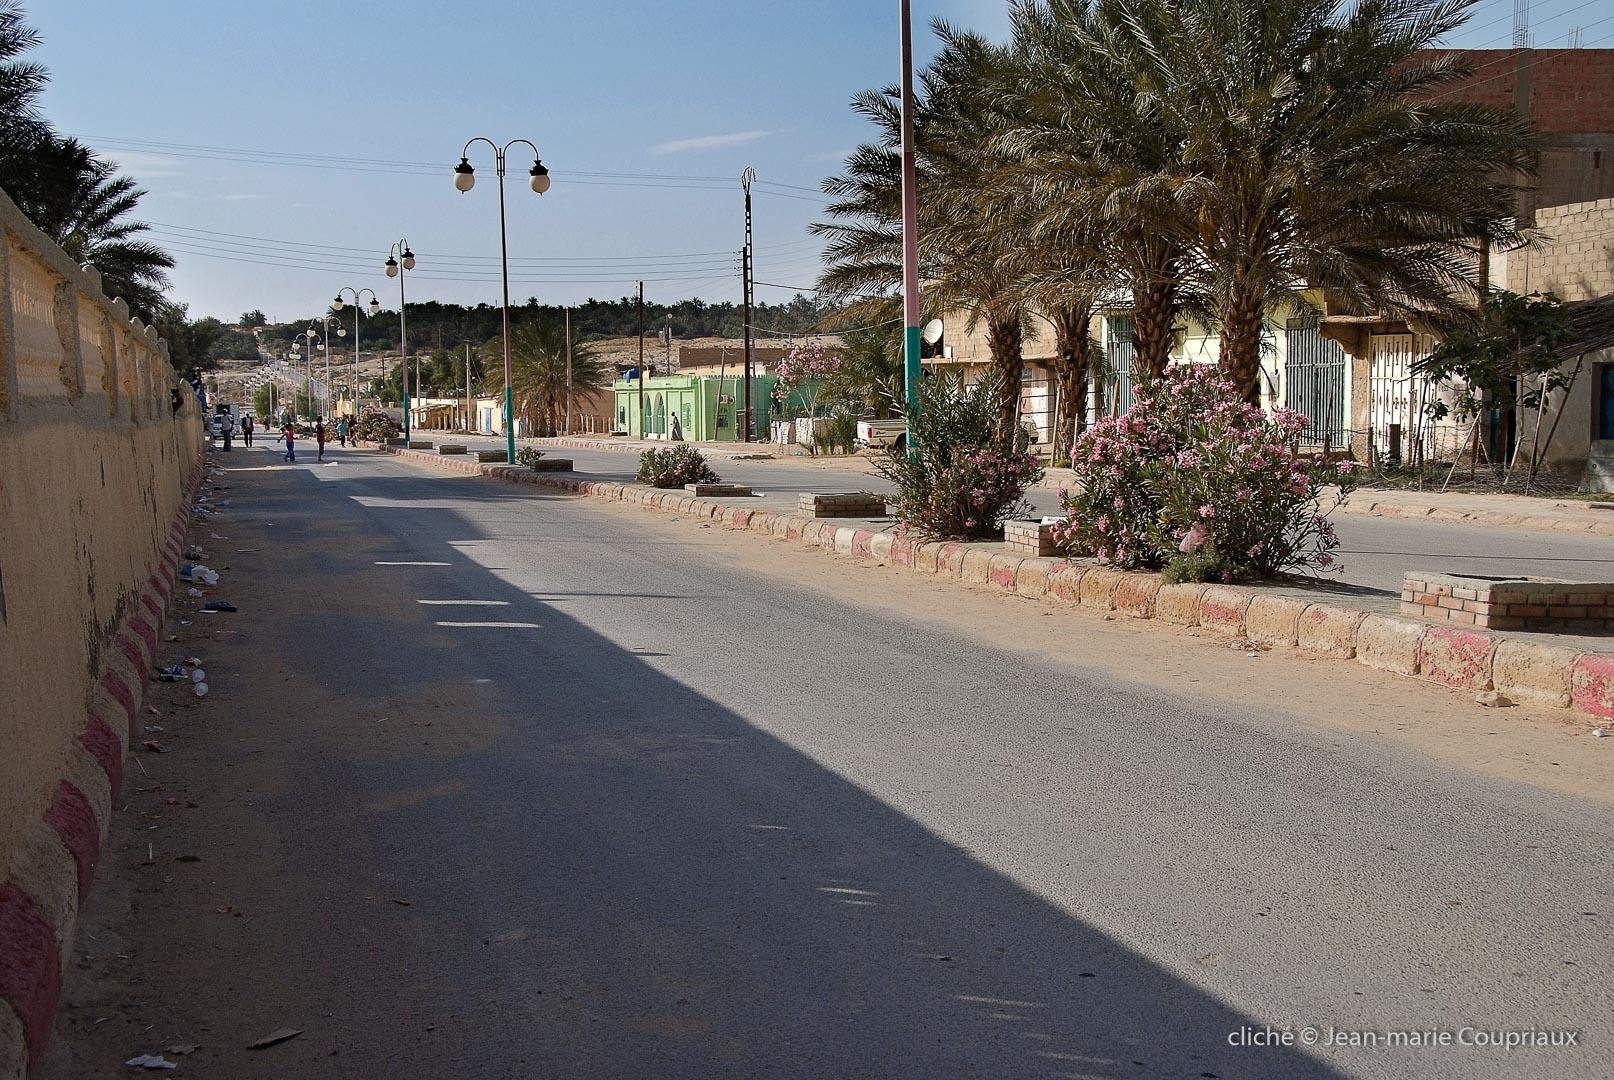 802-2011_Algerie-877